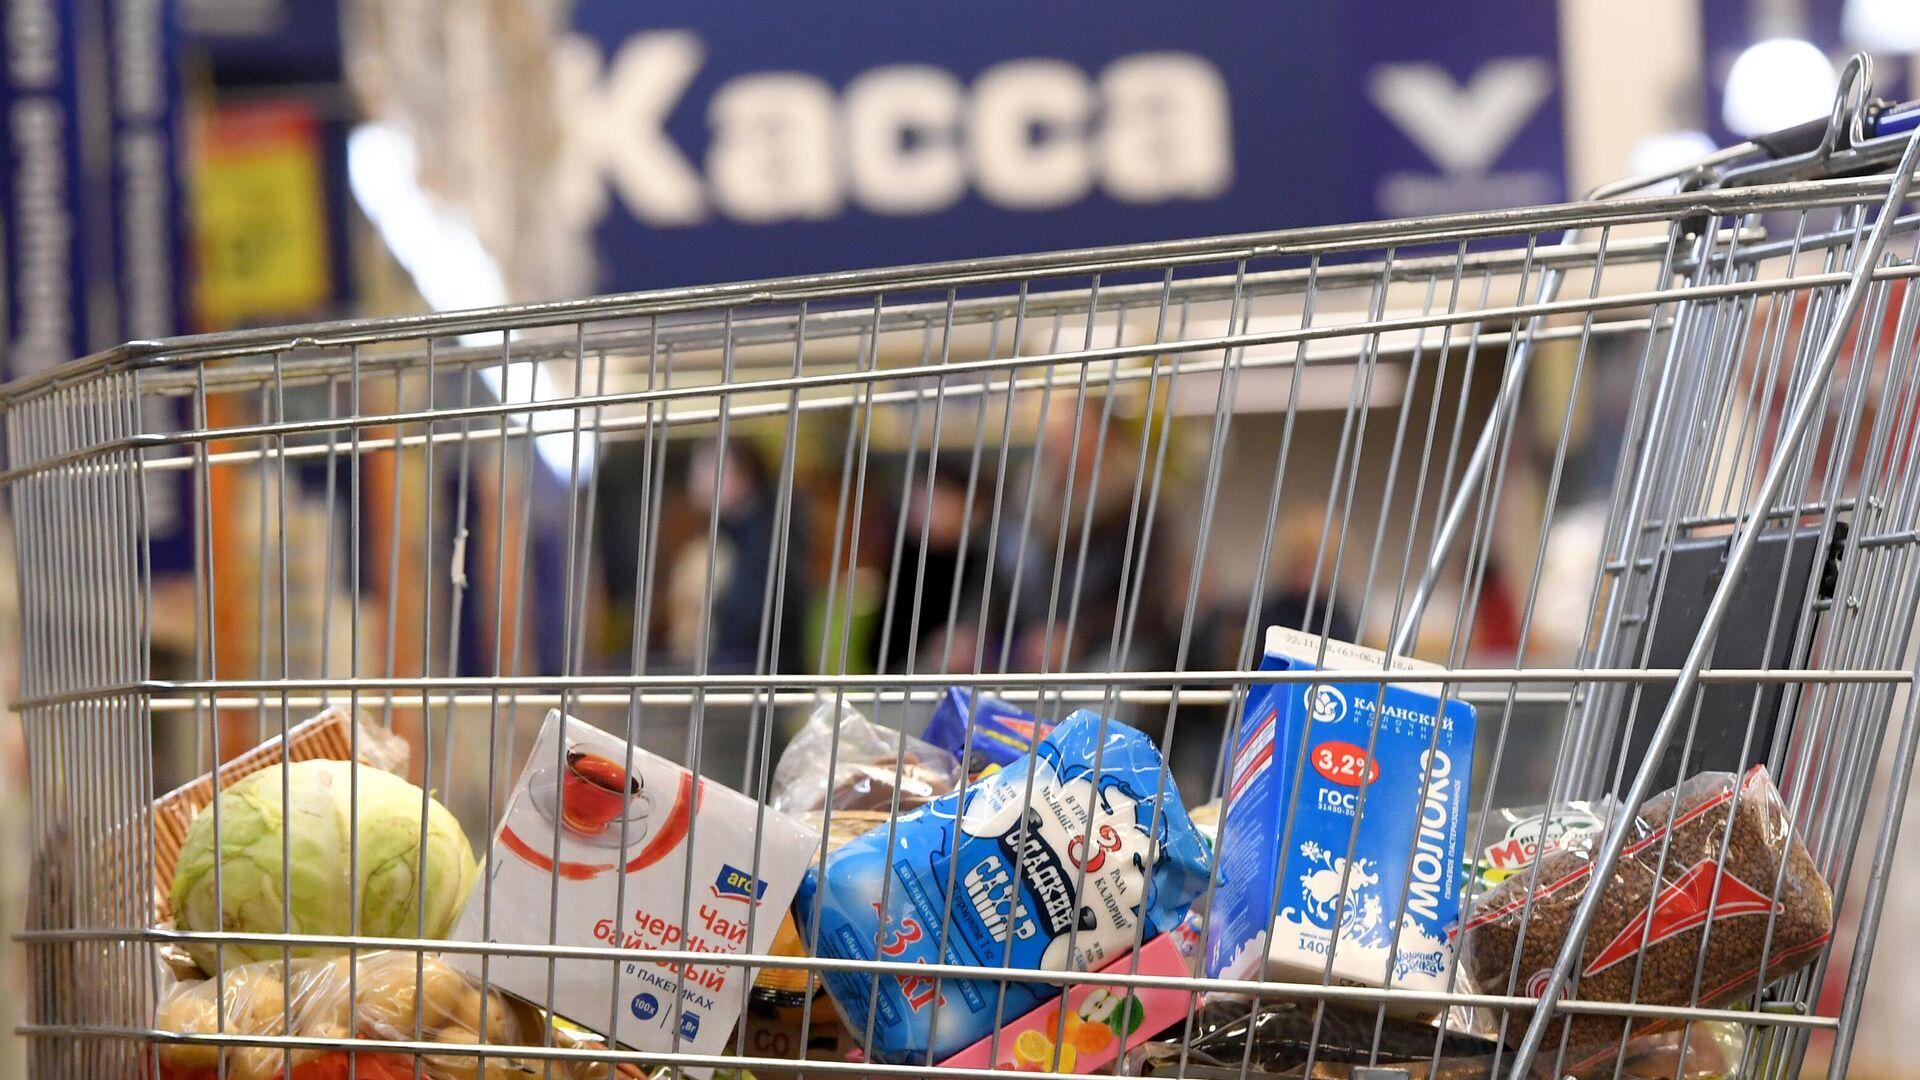 Тележка с продуктами в магазине - РИА Новости, 1920, 31.07.2021